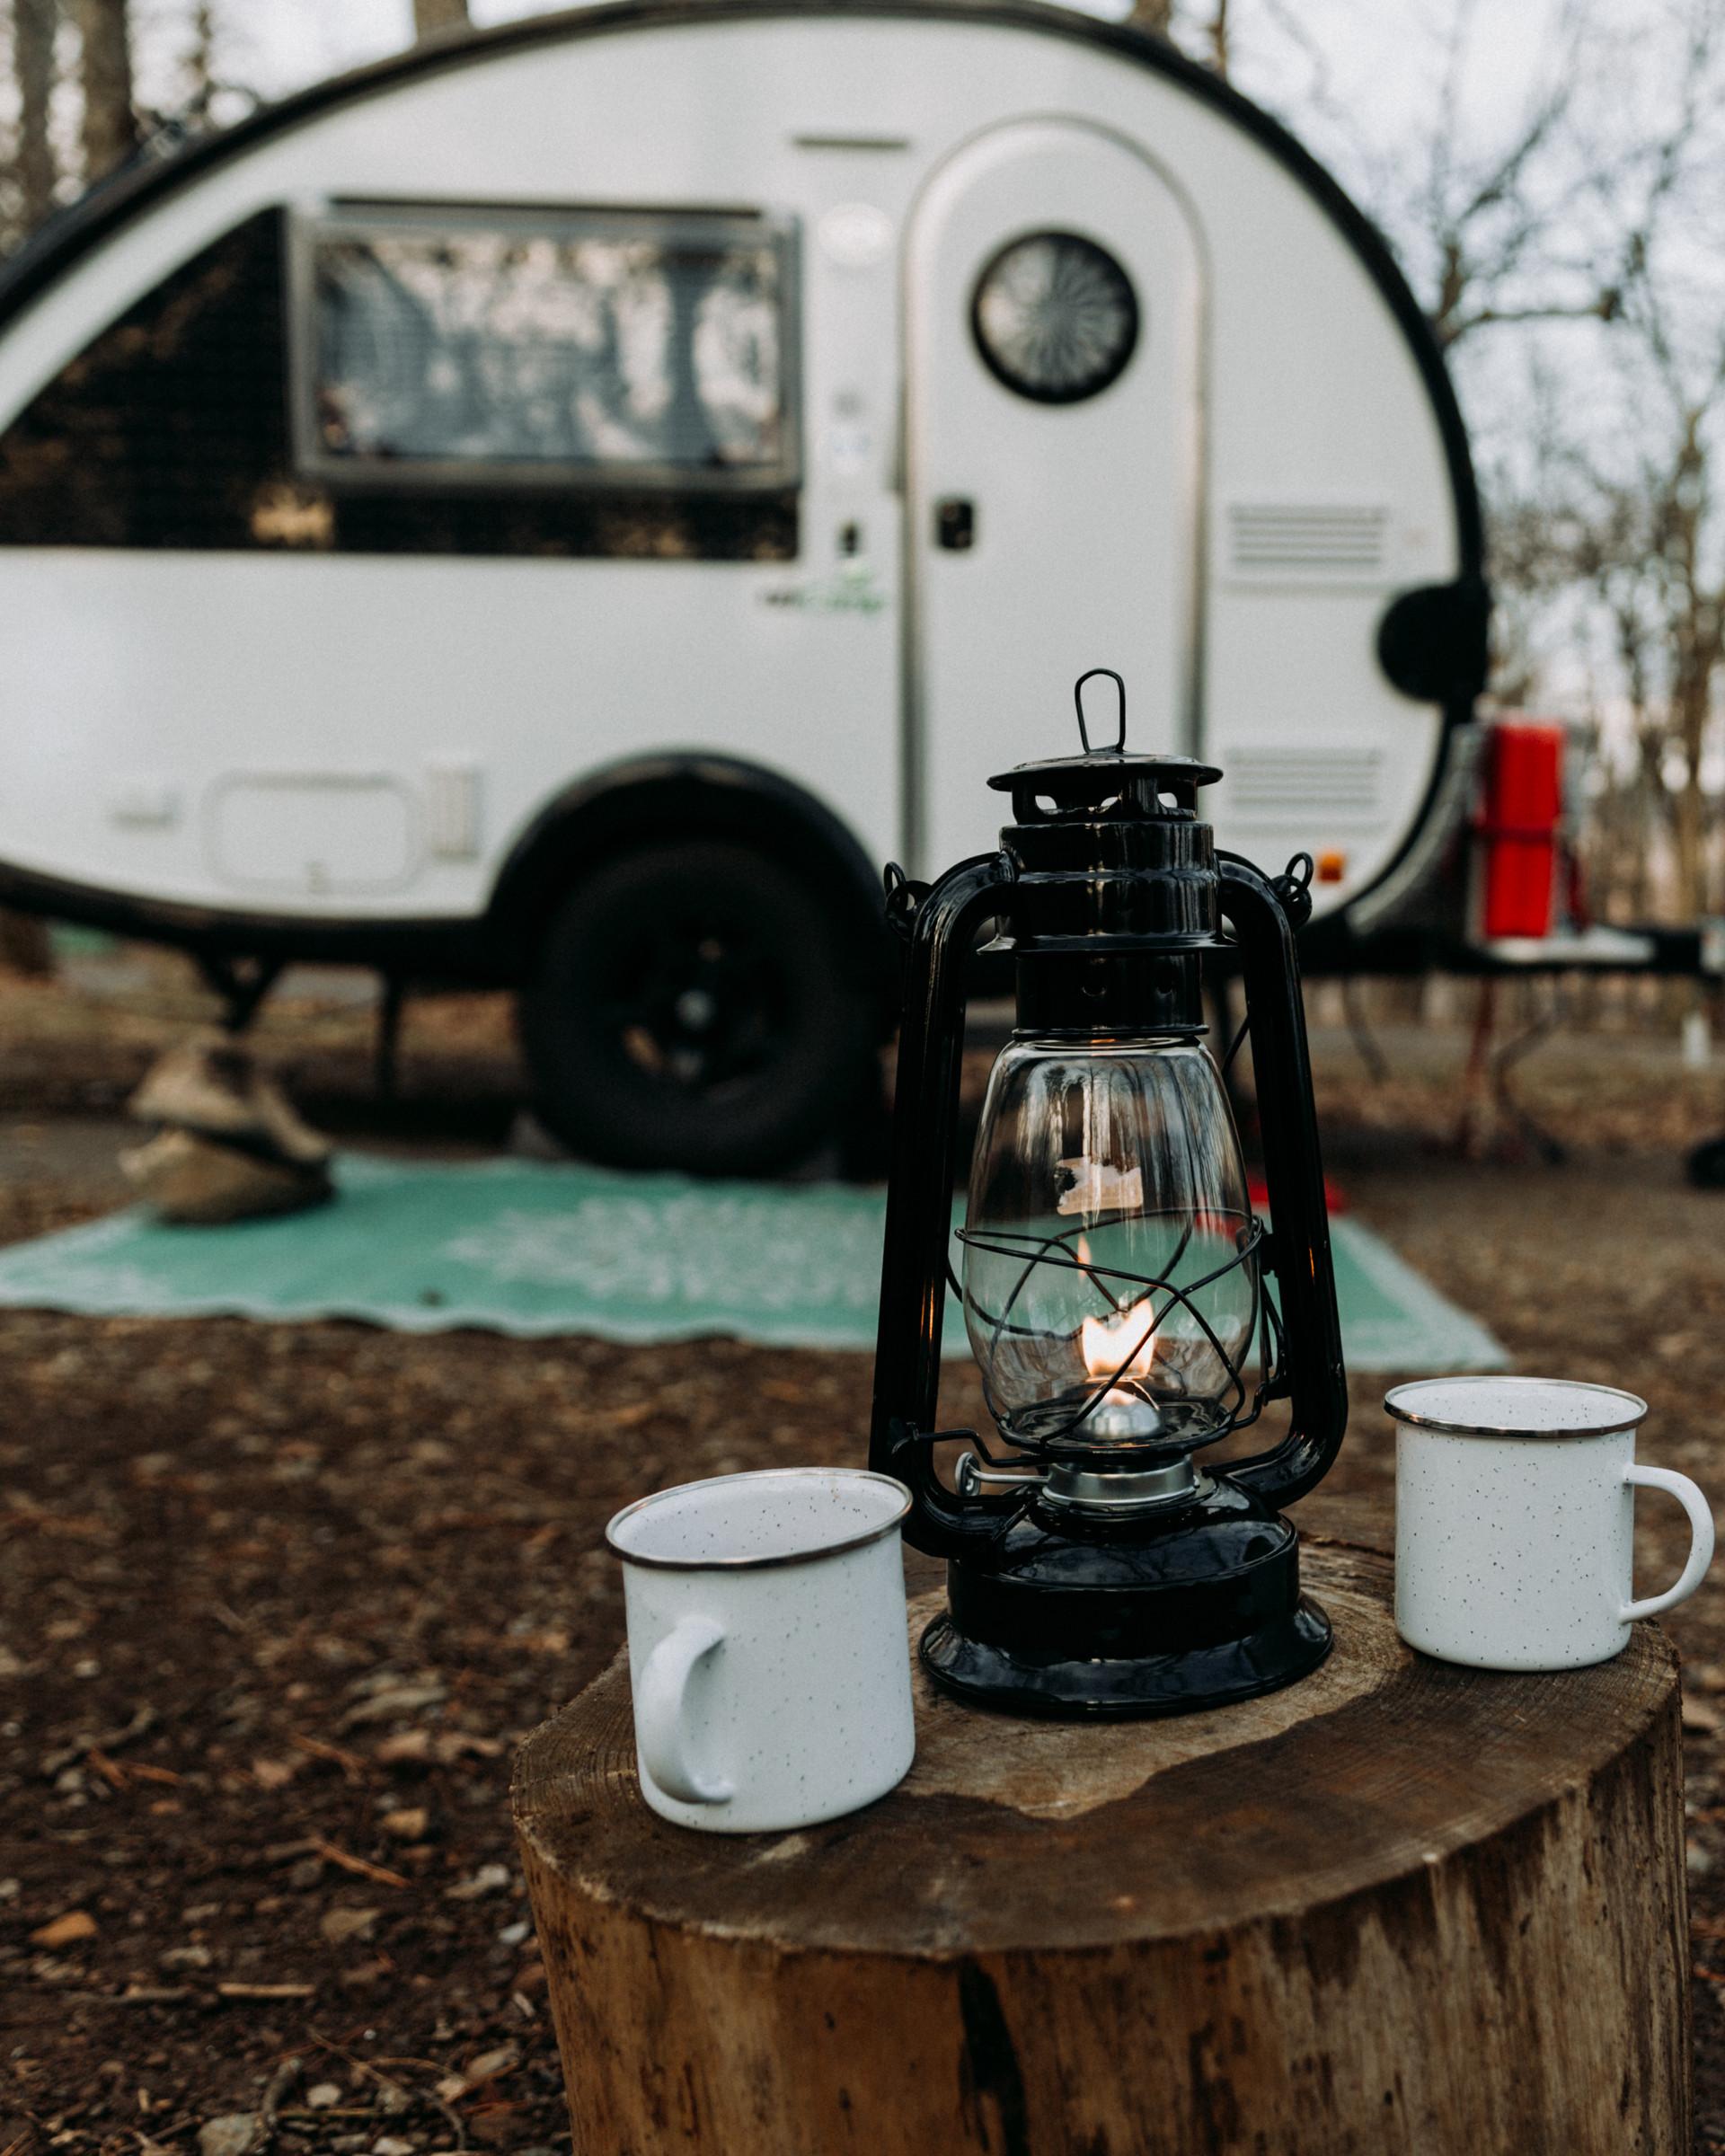 Rainy Day Camping